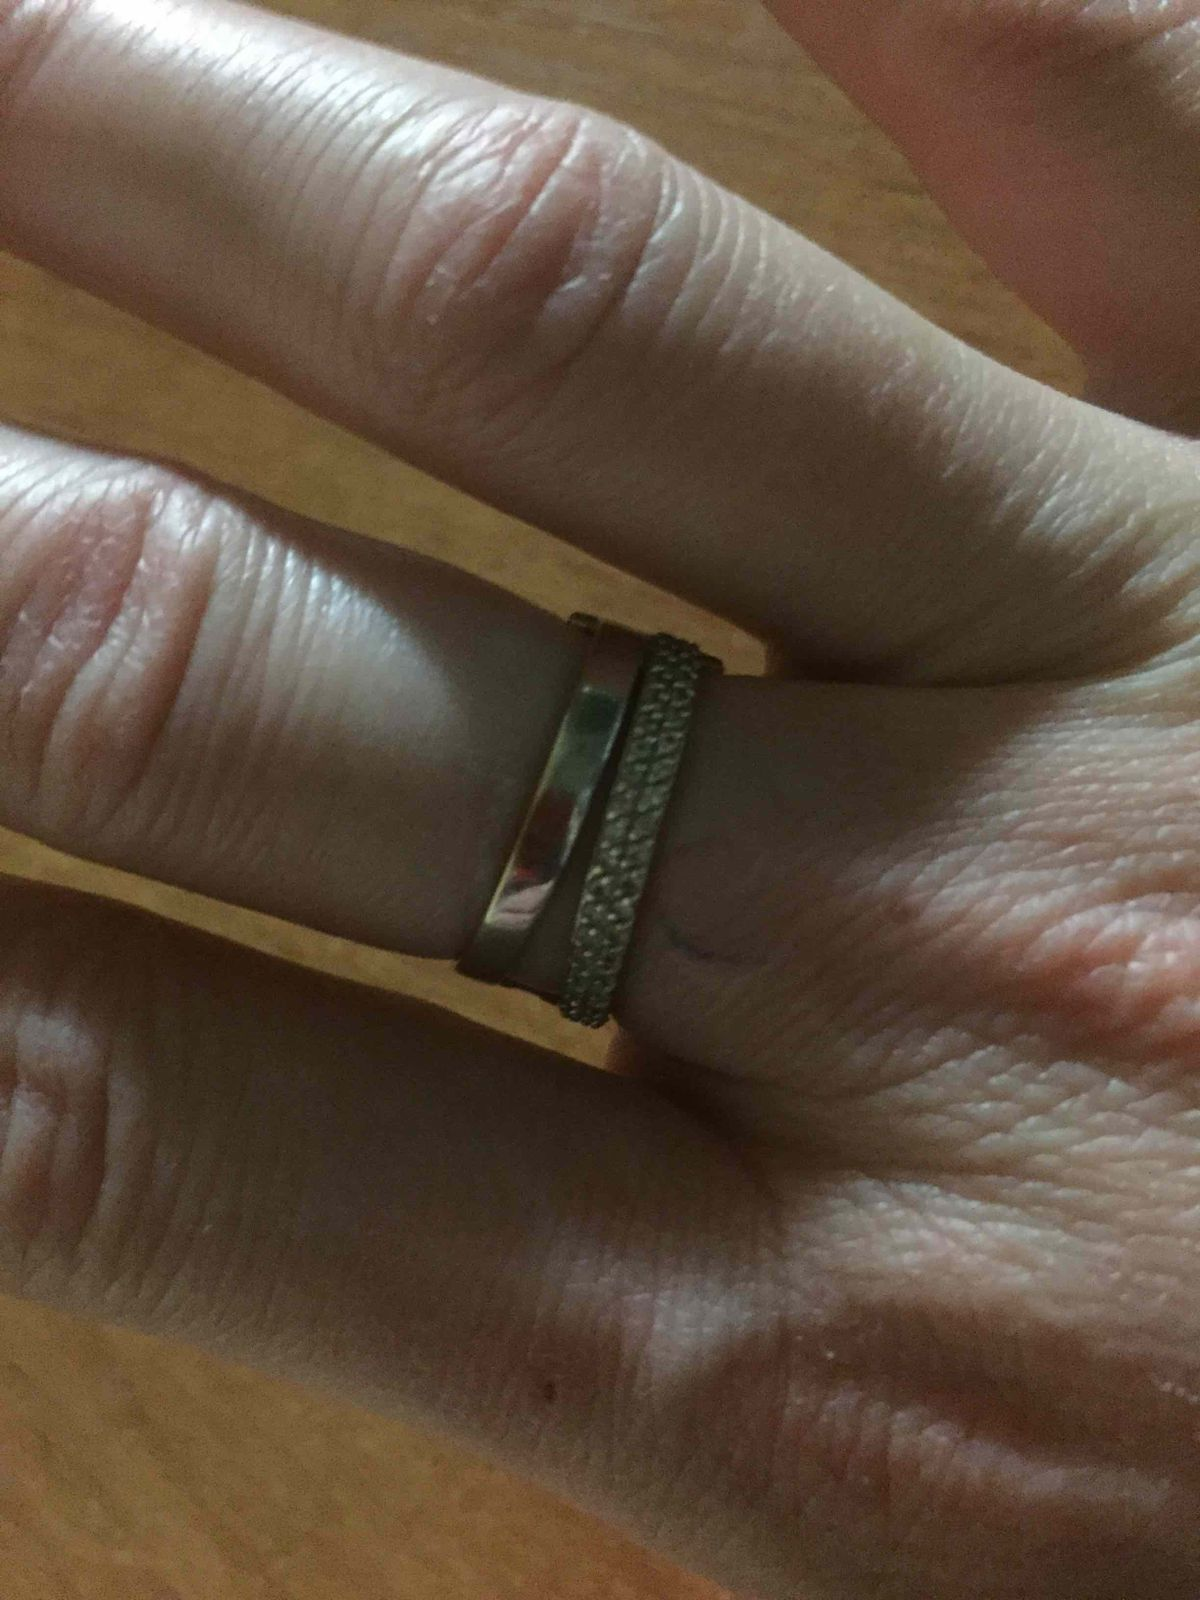 Кольцо смотрится богато